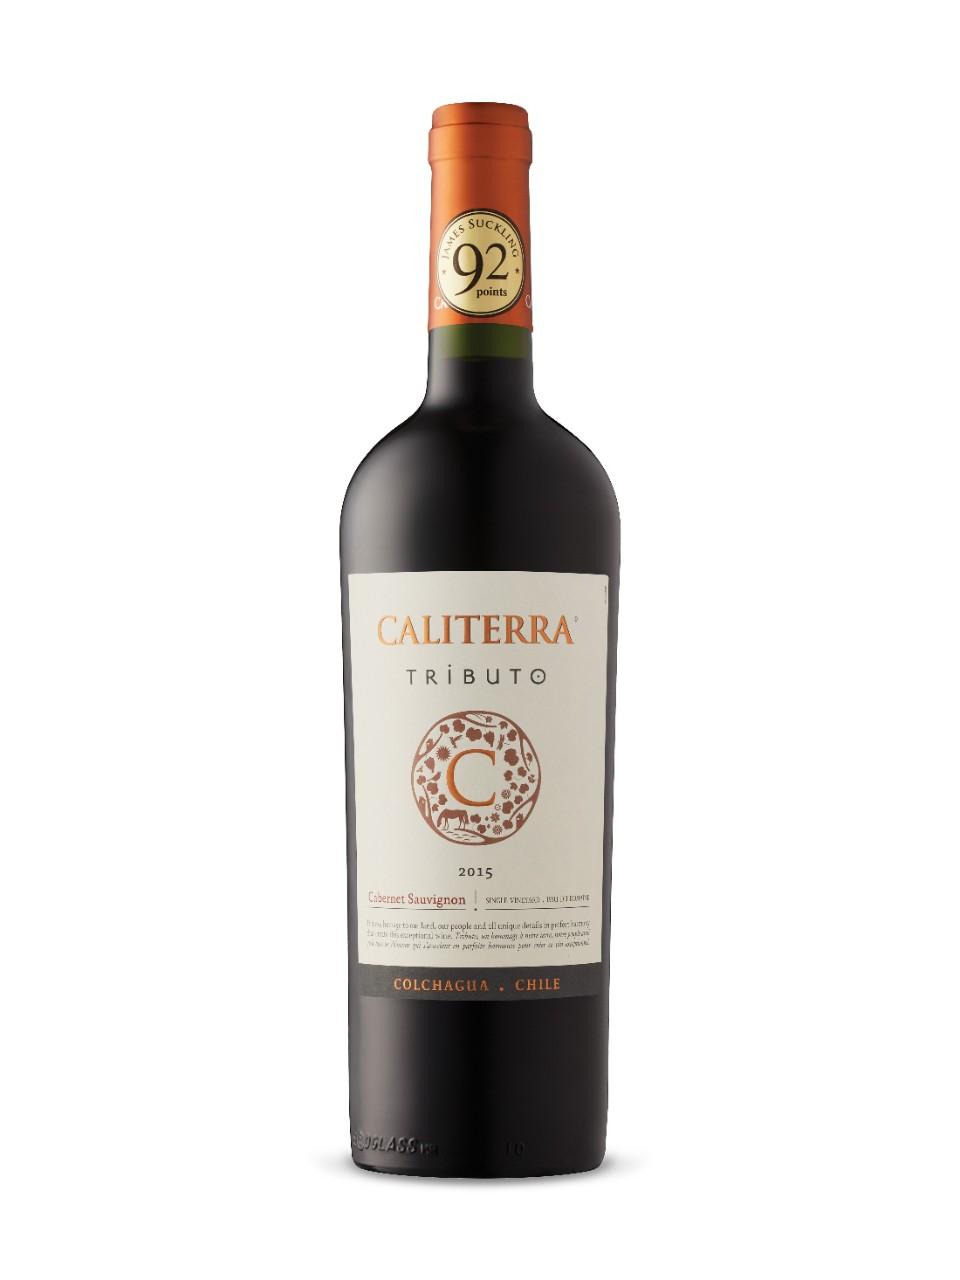 Caliterra Tributo Cabernet Sauvignon 2016 Lcbo